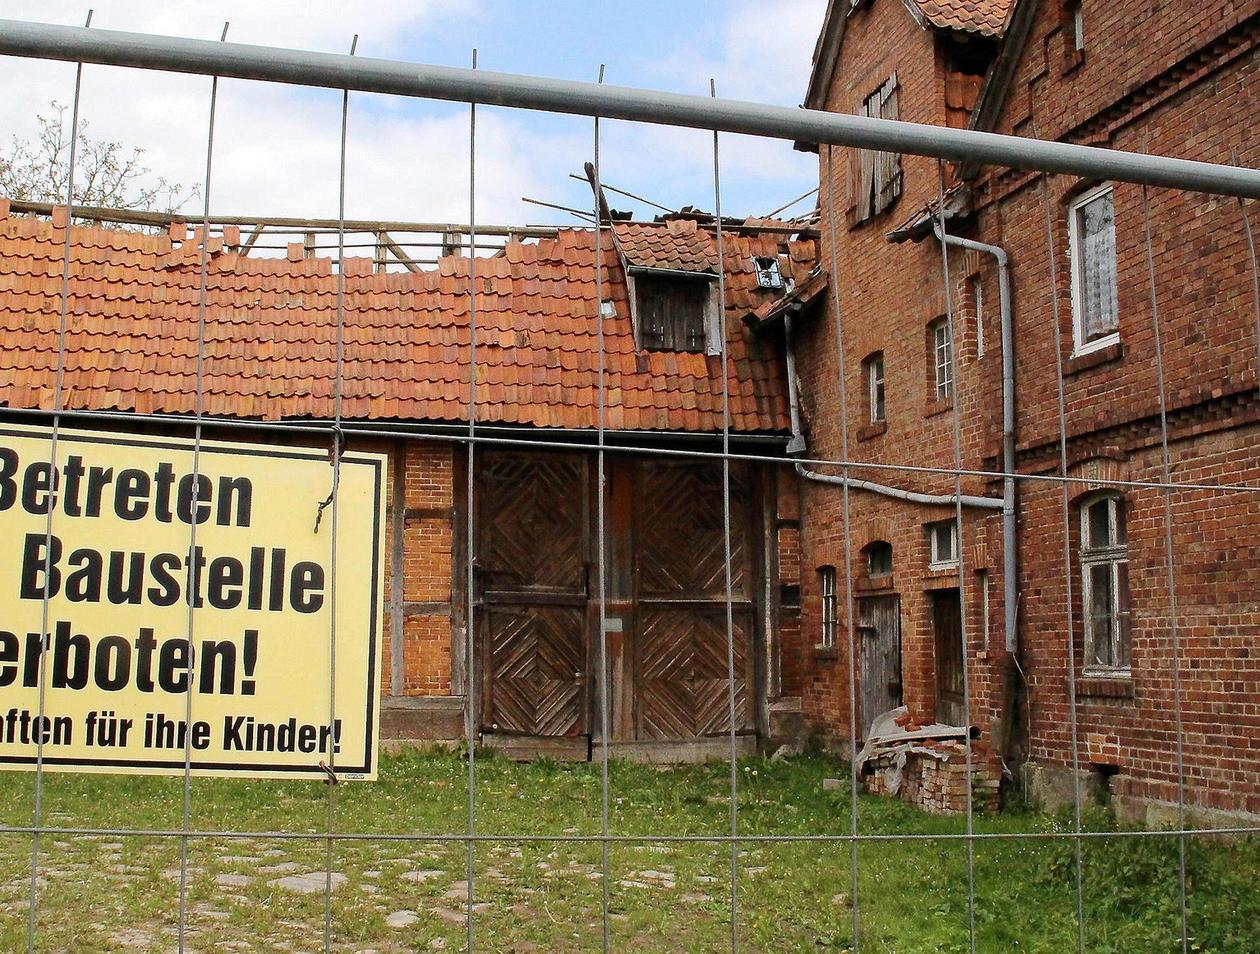 Gut gemocht Dach an Scheune in Wolfhagen eingestürzt, nun kommt Abriss | Wolfhagen MR26